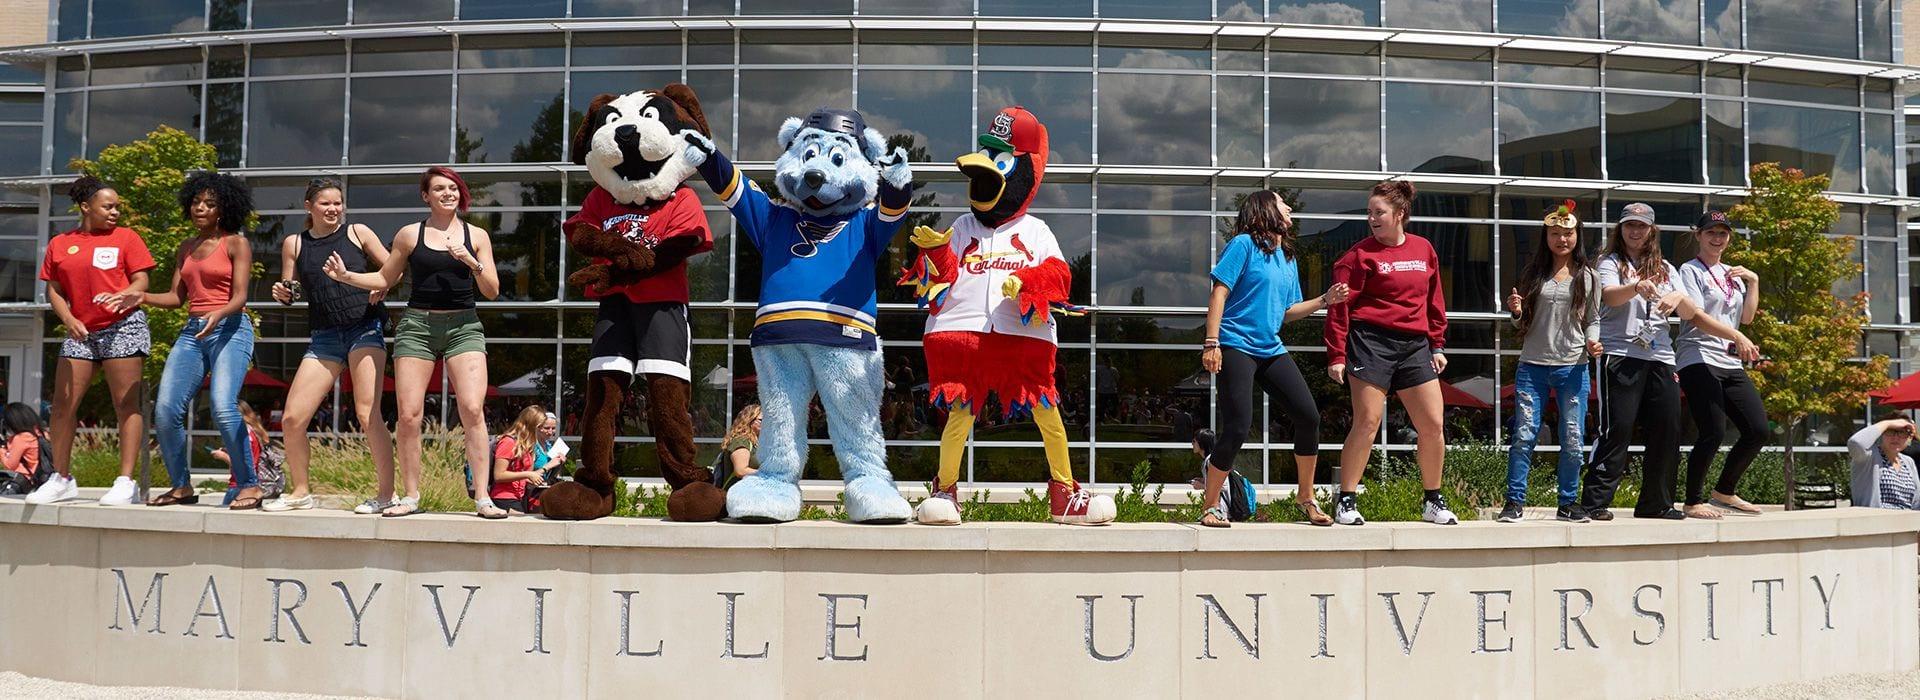 Visit Maryville University